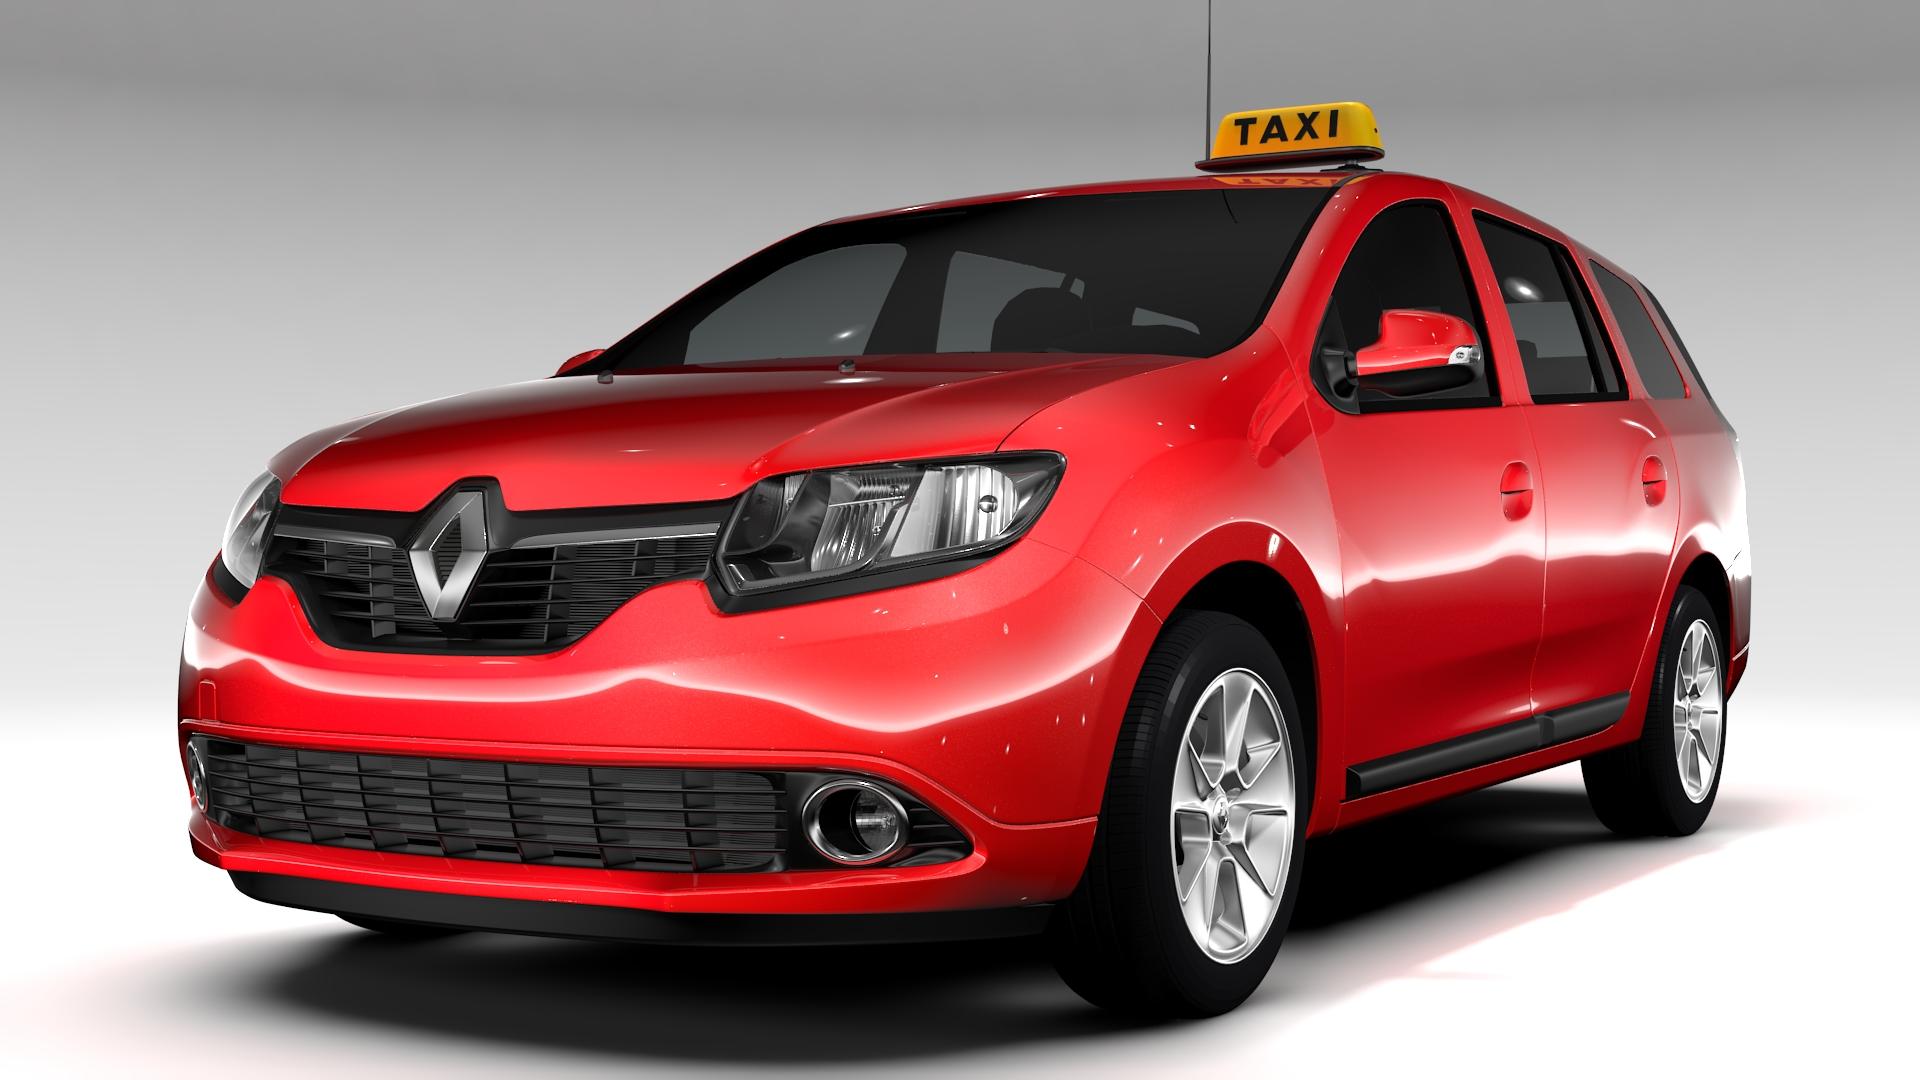 renault logan mcv taxi 2016 3d model 3ds max fbx c4d lwo ma mb hrc xsi obj 221280